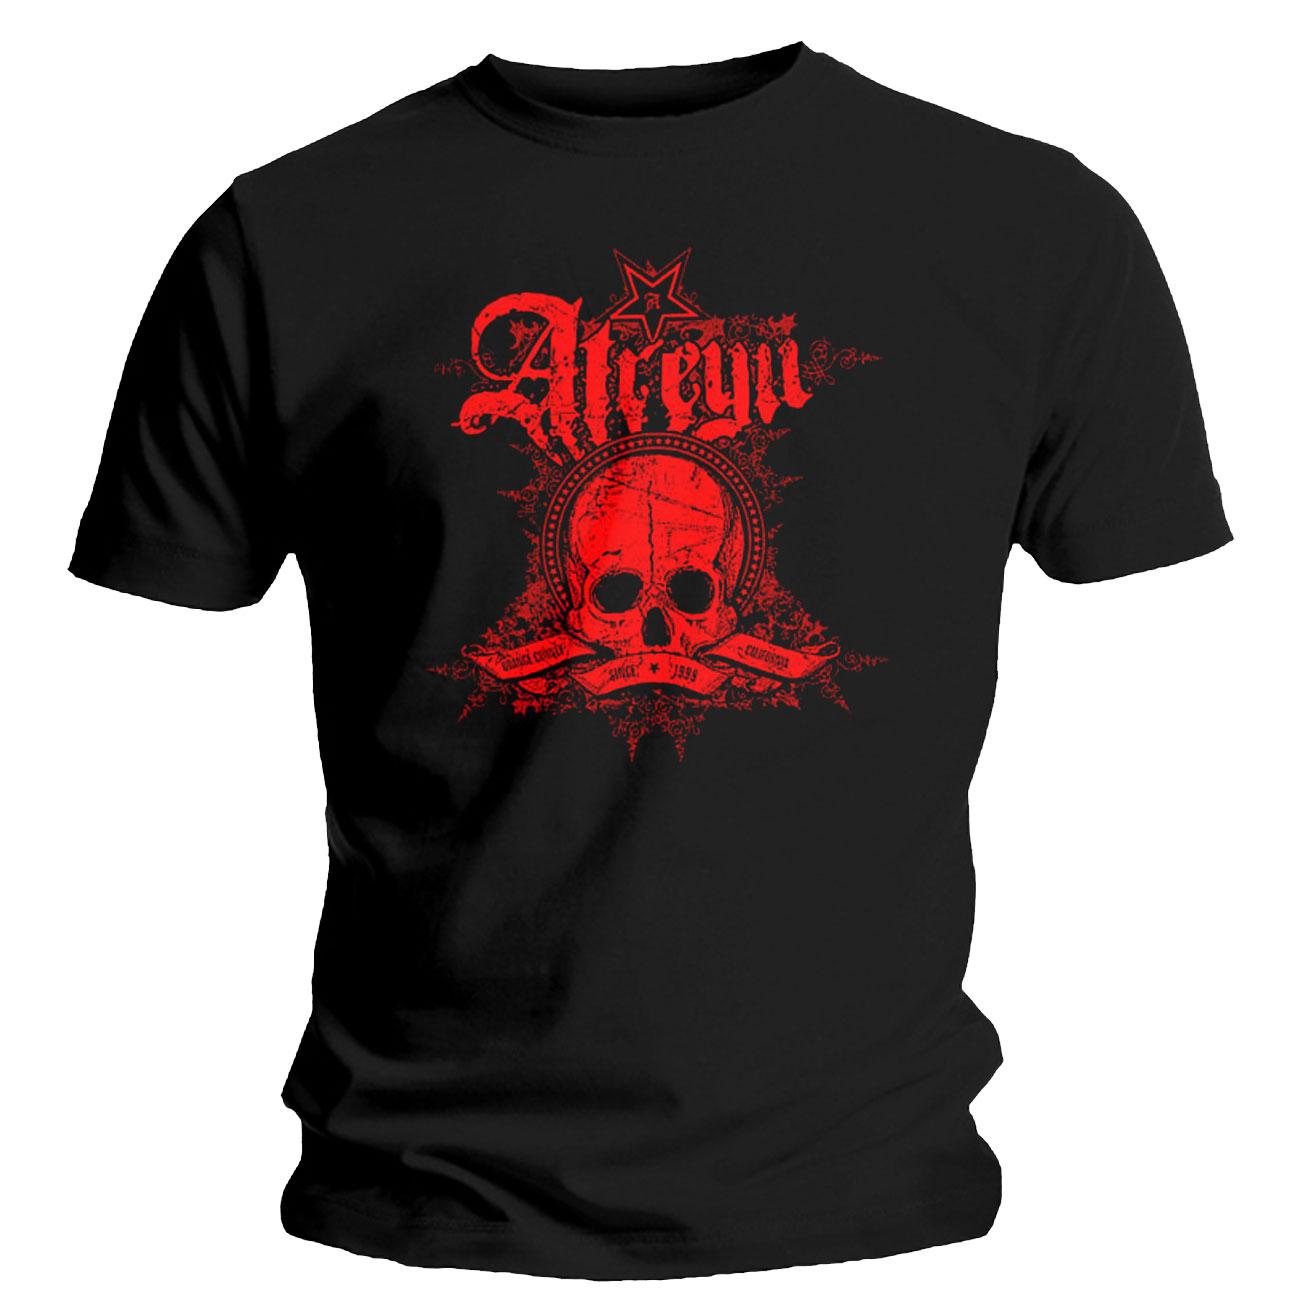 Image of T-shirt Atreyu Skully. Prodotto ufficiale Emi Music